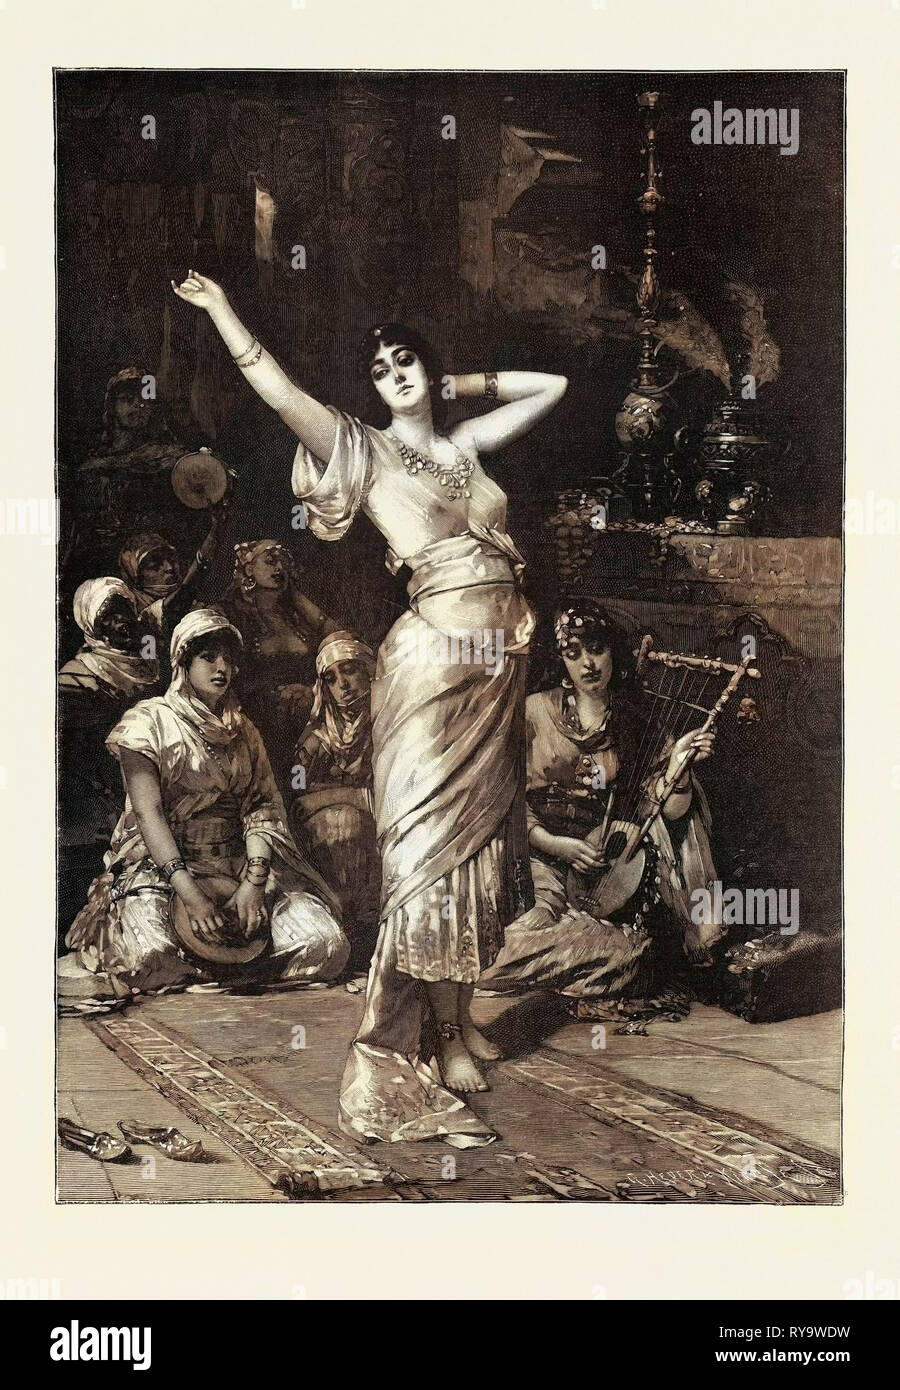 Dans le sérail, 1893 Gravure. Nathaniel Sichel, de Berlin, diplômé de l'Académie de Berlin et l'Académie de Paris. Il est né à Mayence, et a d'abord un lithographe. C'est un portraitiste favori en Allemagne Photo Stock